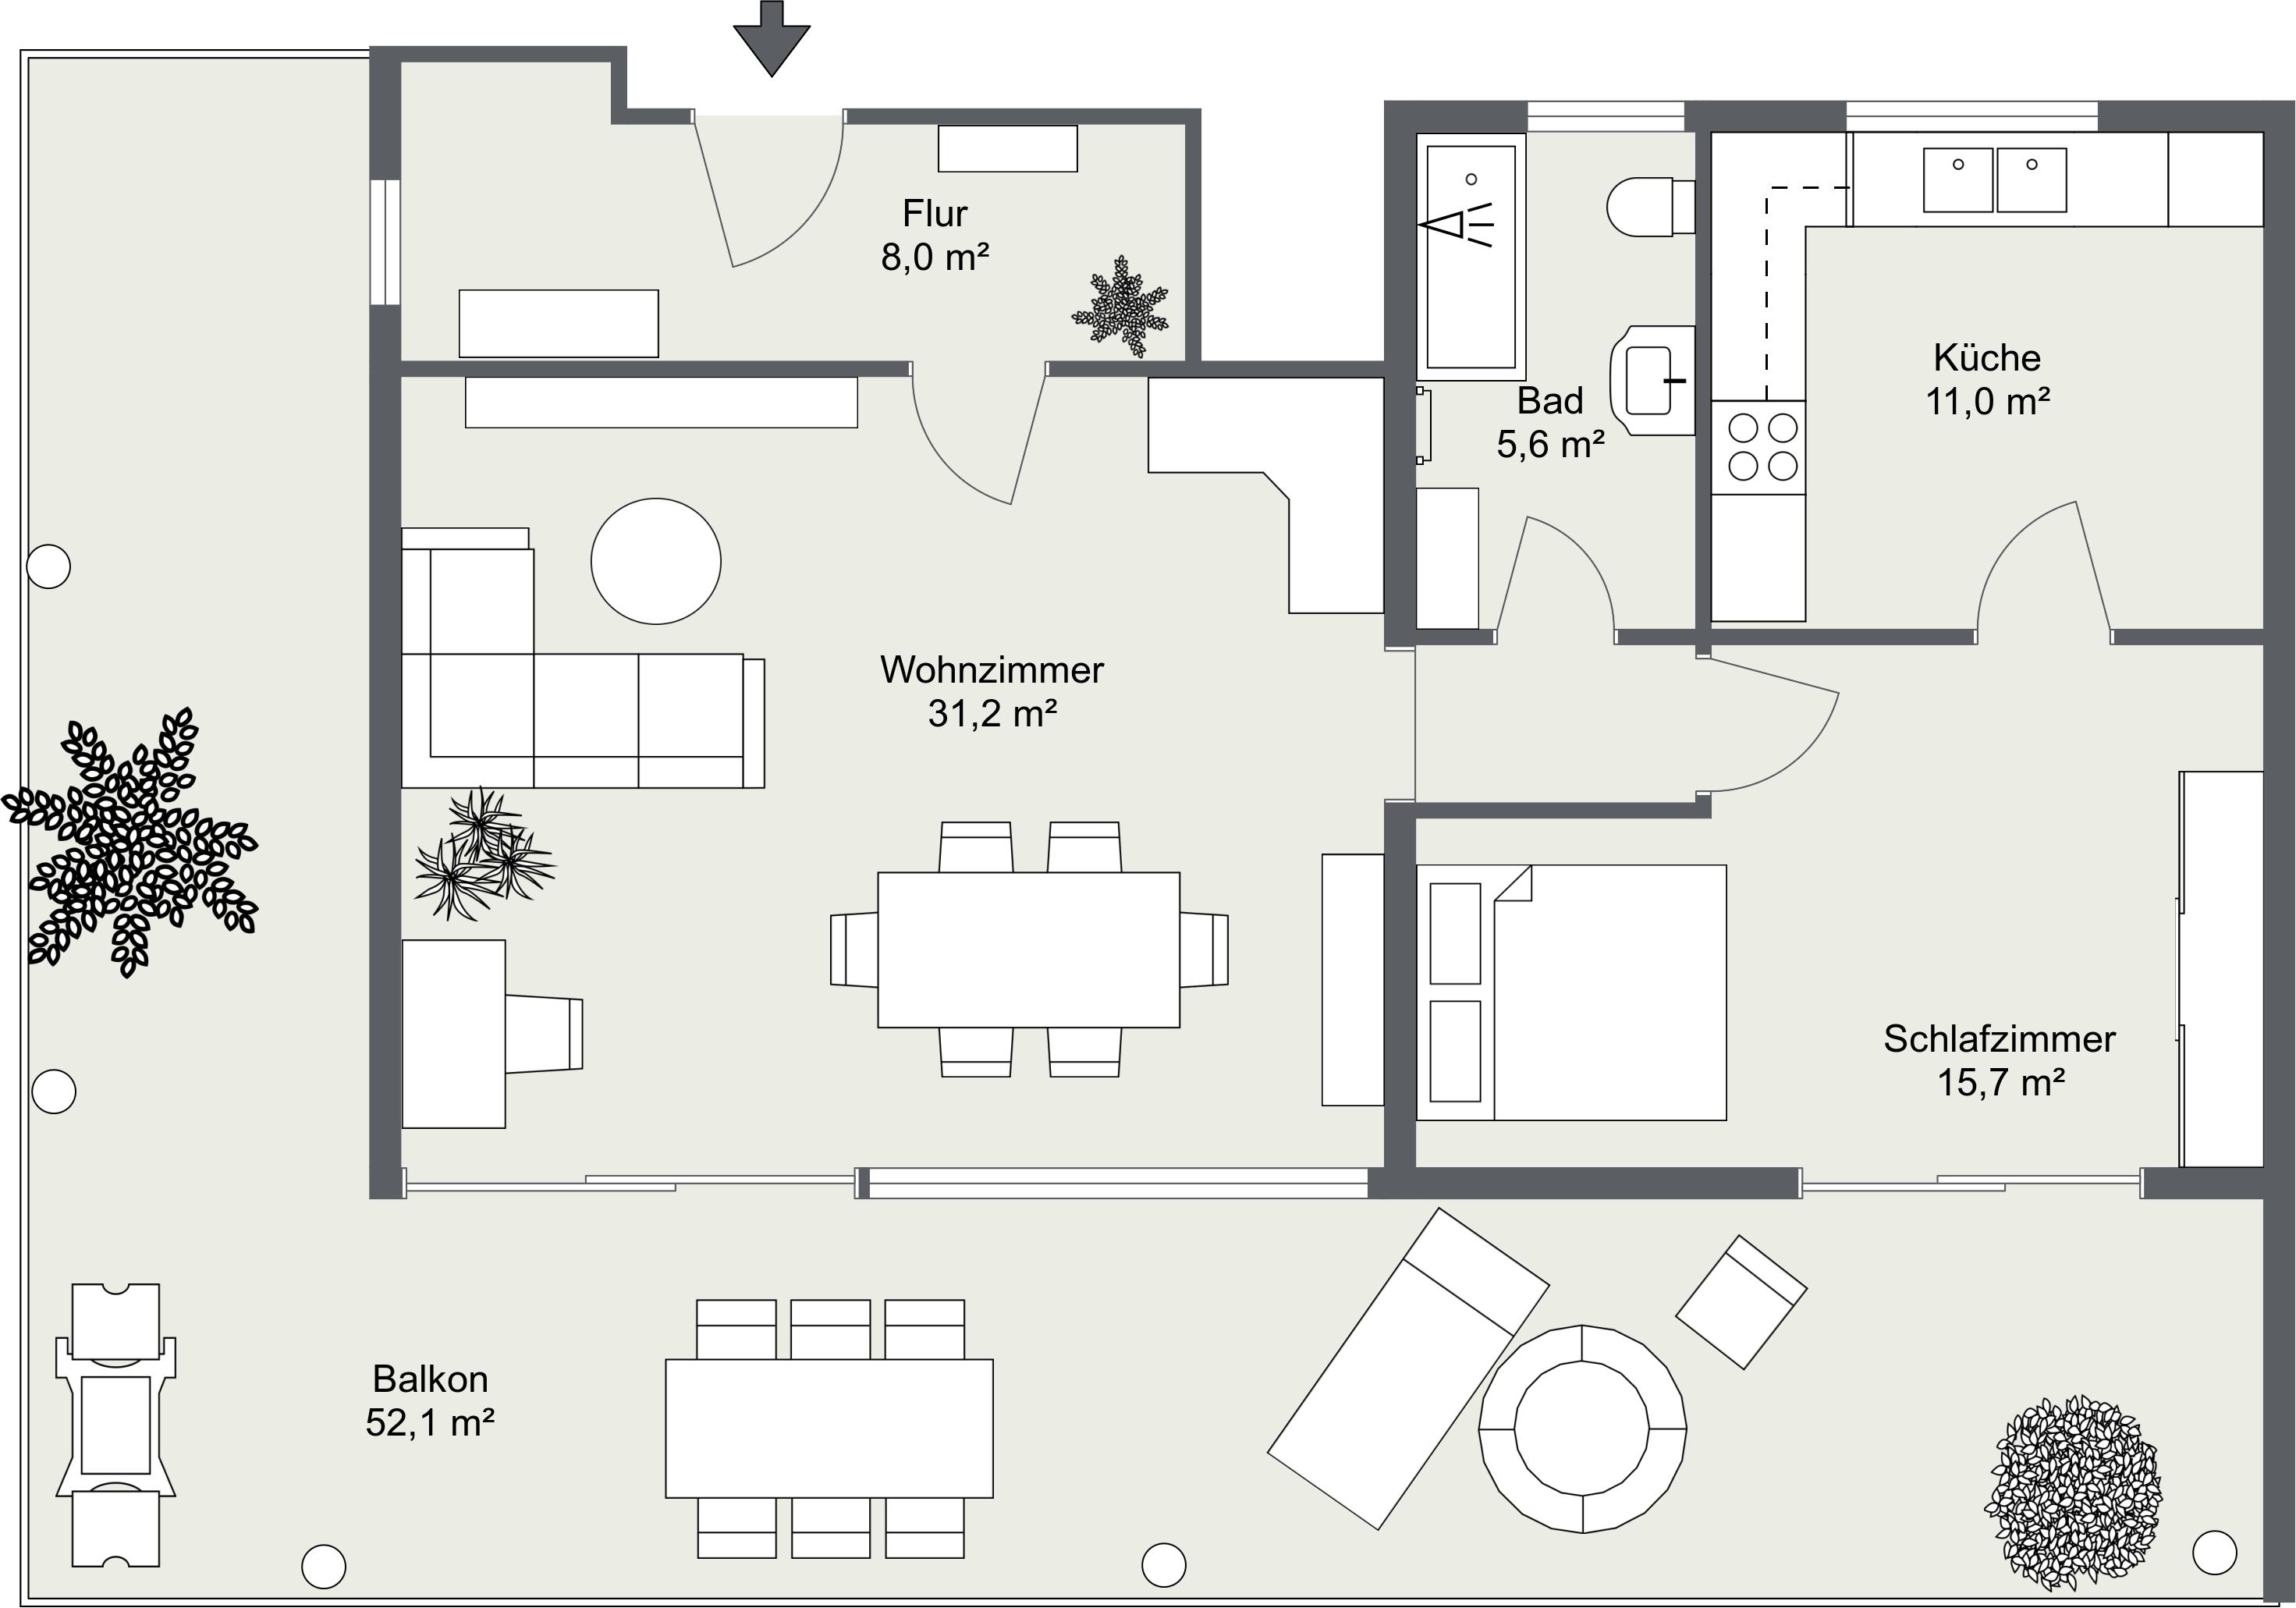 Flächen, Möbel und Deko.jpeg